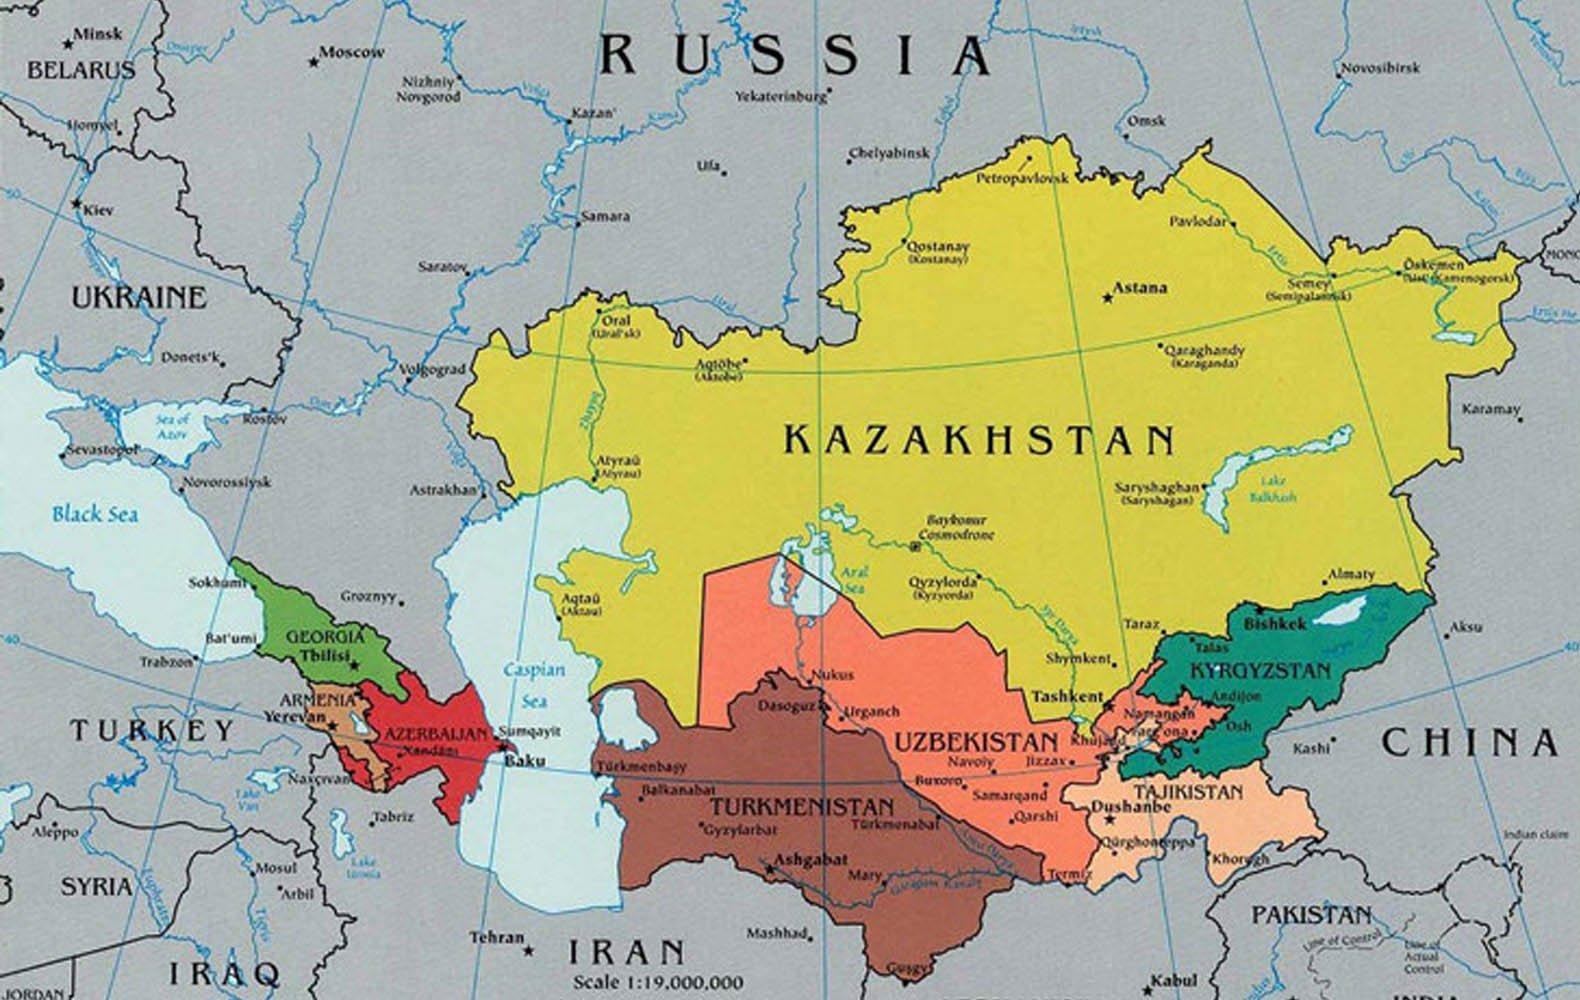 kasakhstan kart Kart over Kasakhstan og omkringliggende land   Kart Kasakhstan  kasakhstan kart